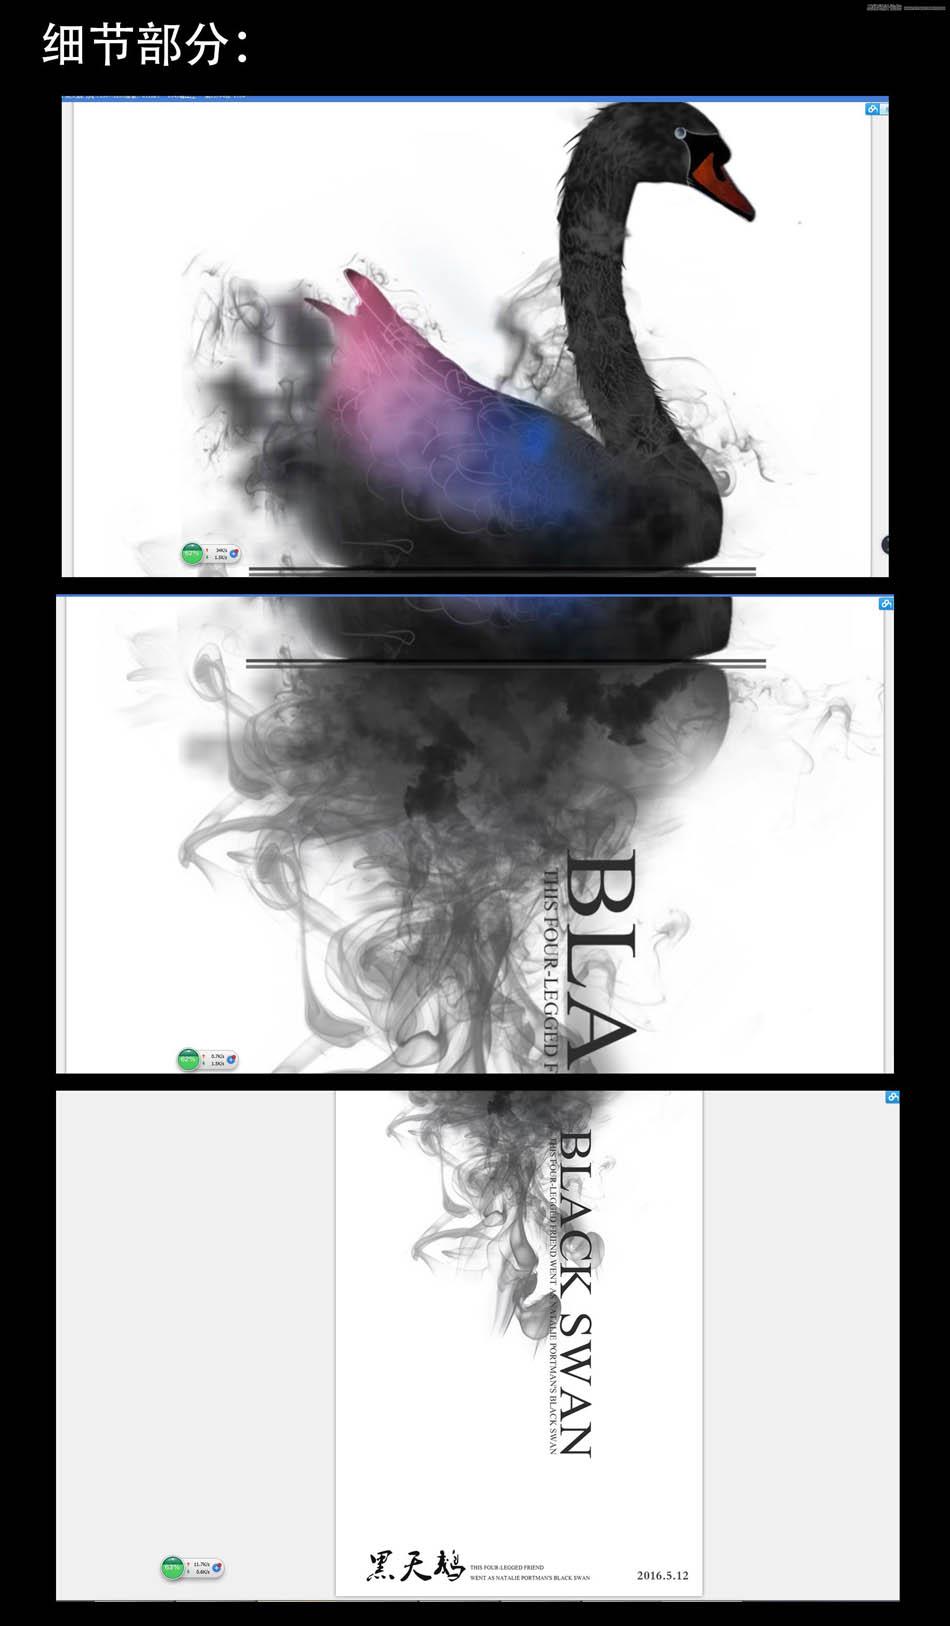 本教程主要使用Photoshop设计别烟雾装饰的黑天鹅场景图,教程中用到的几个重要的知识点:1.抠图 2.画笔 3.钢笔 4.图层混合模式 5.蒙版,可惜作者没有提供素材,大家可以到百度或者大图网找相关的素材来练习,喜欢的朋友一起来学习吧。